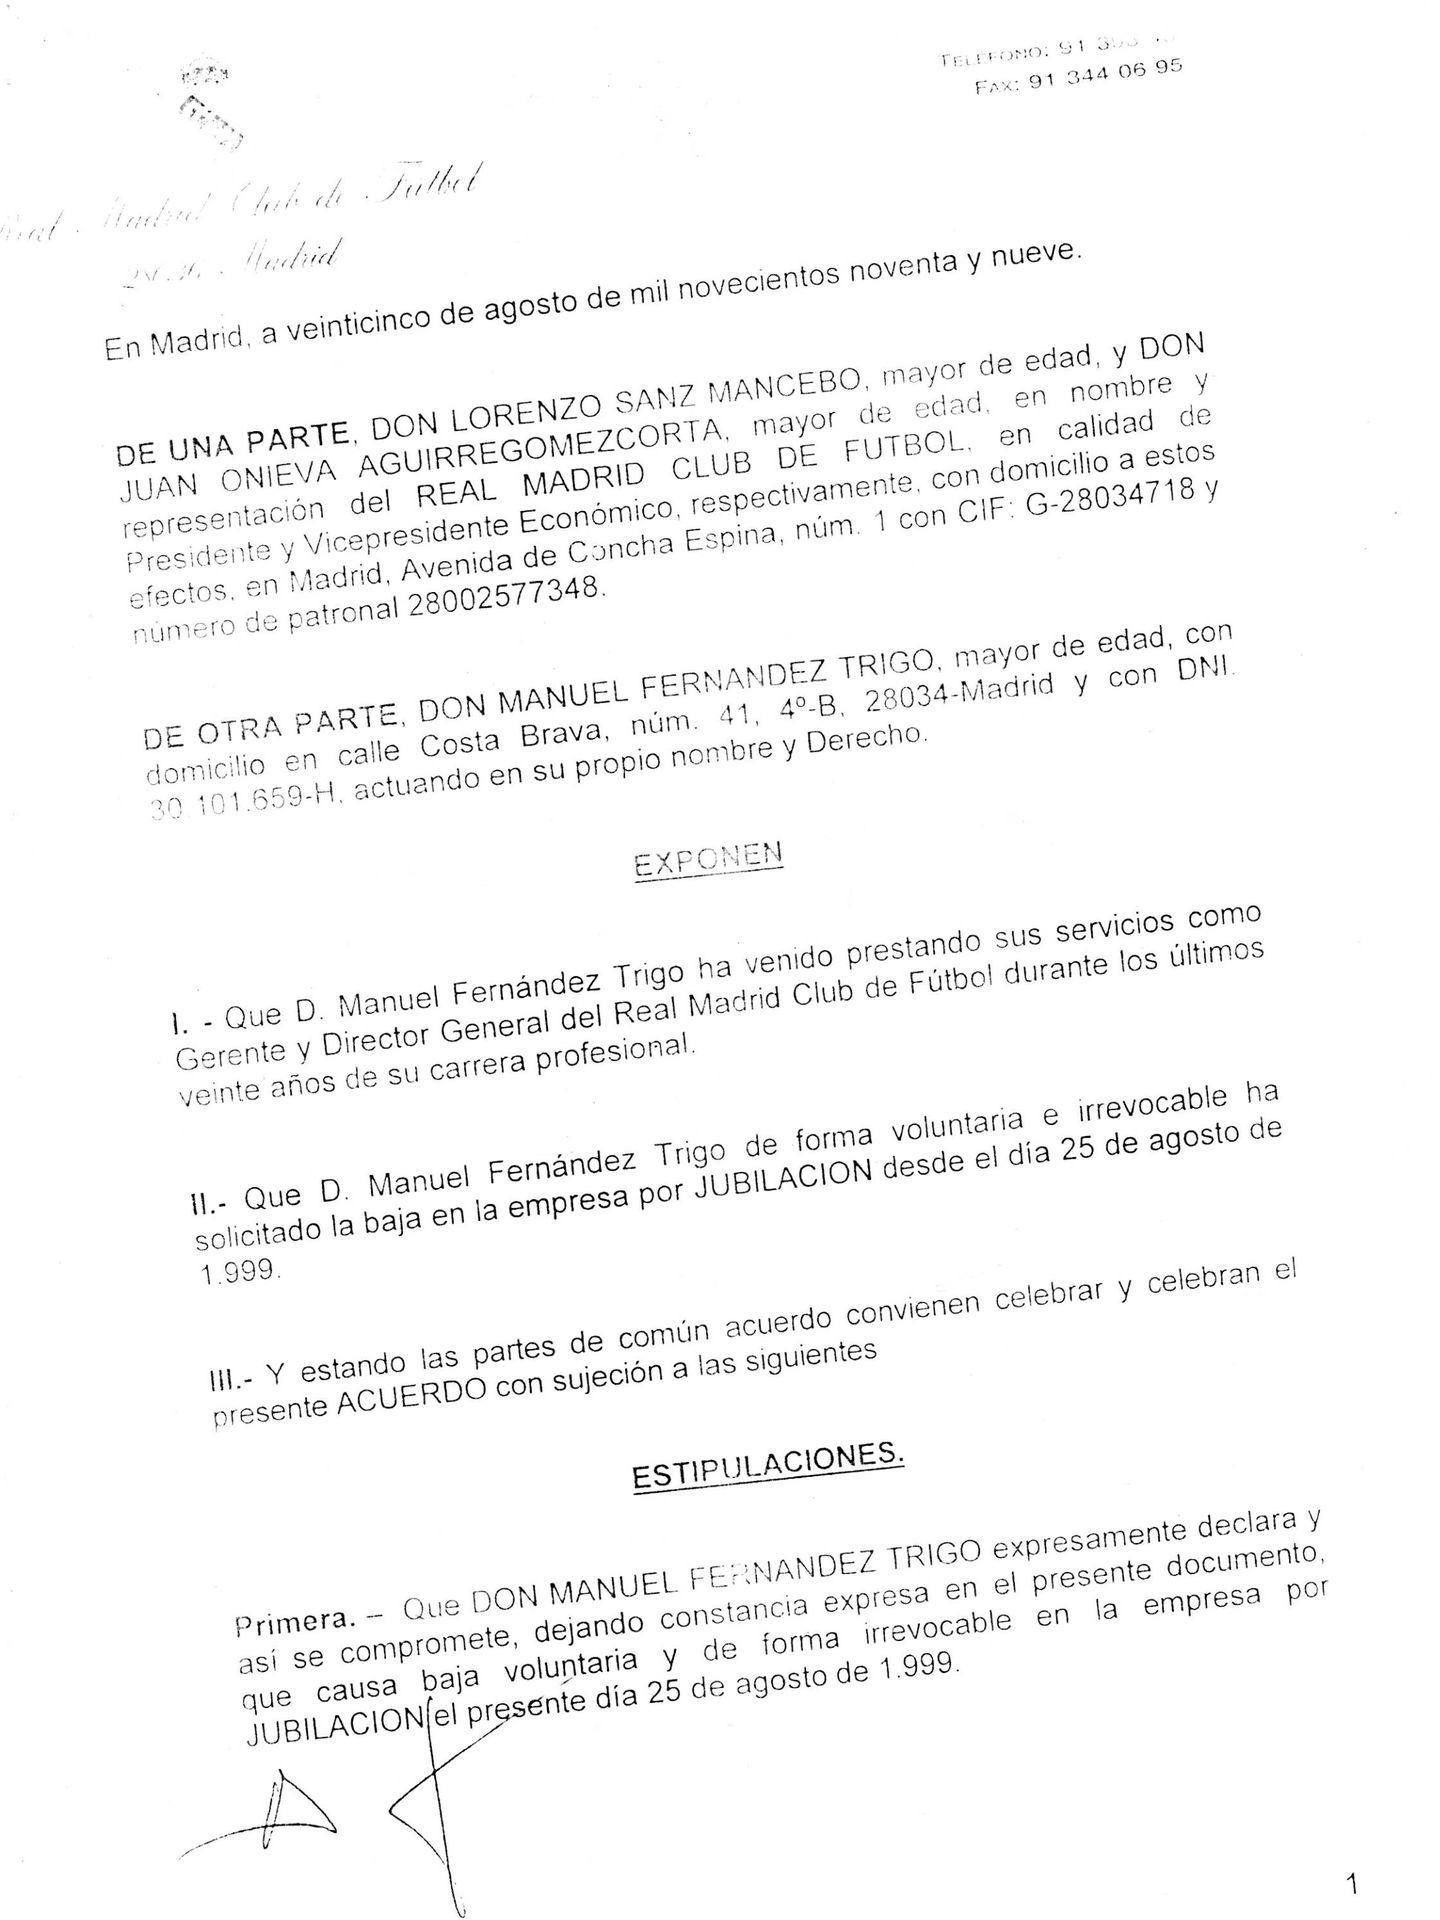 Documento que Fernández Trigo negoció con Lorenzo Sanz y Juan Onieva para abandonar el Real Madrid